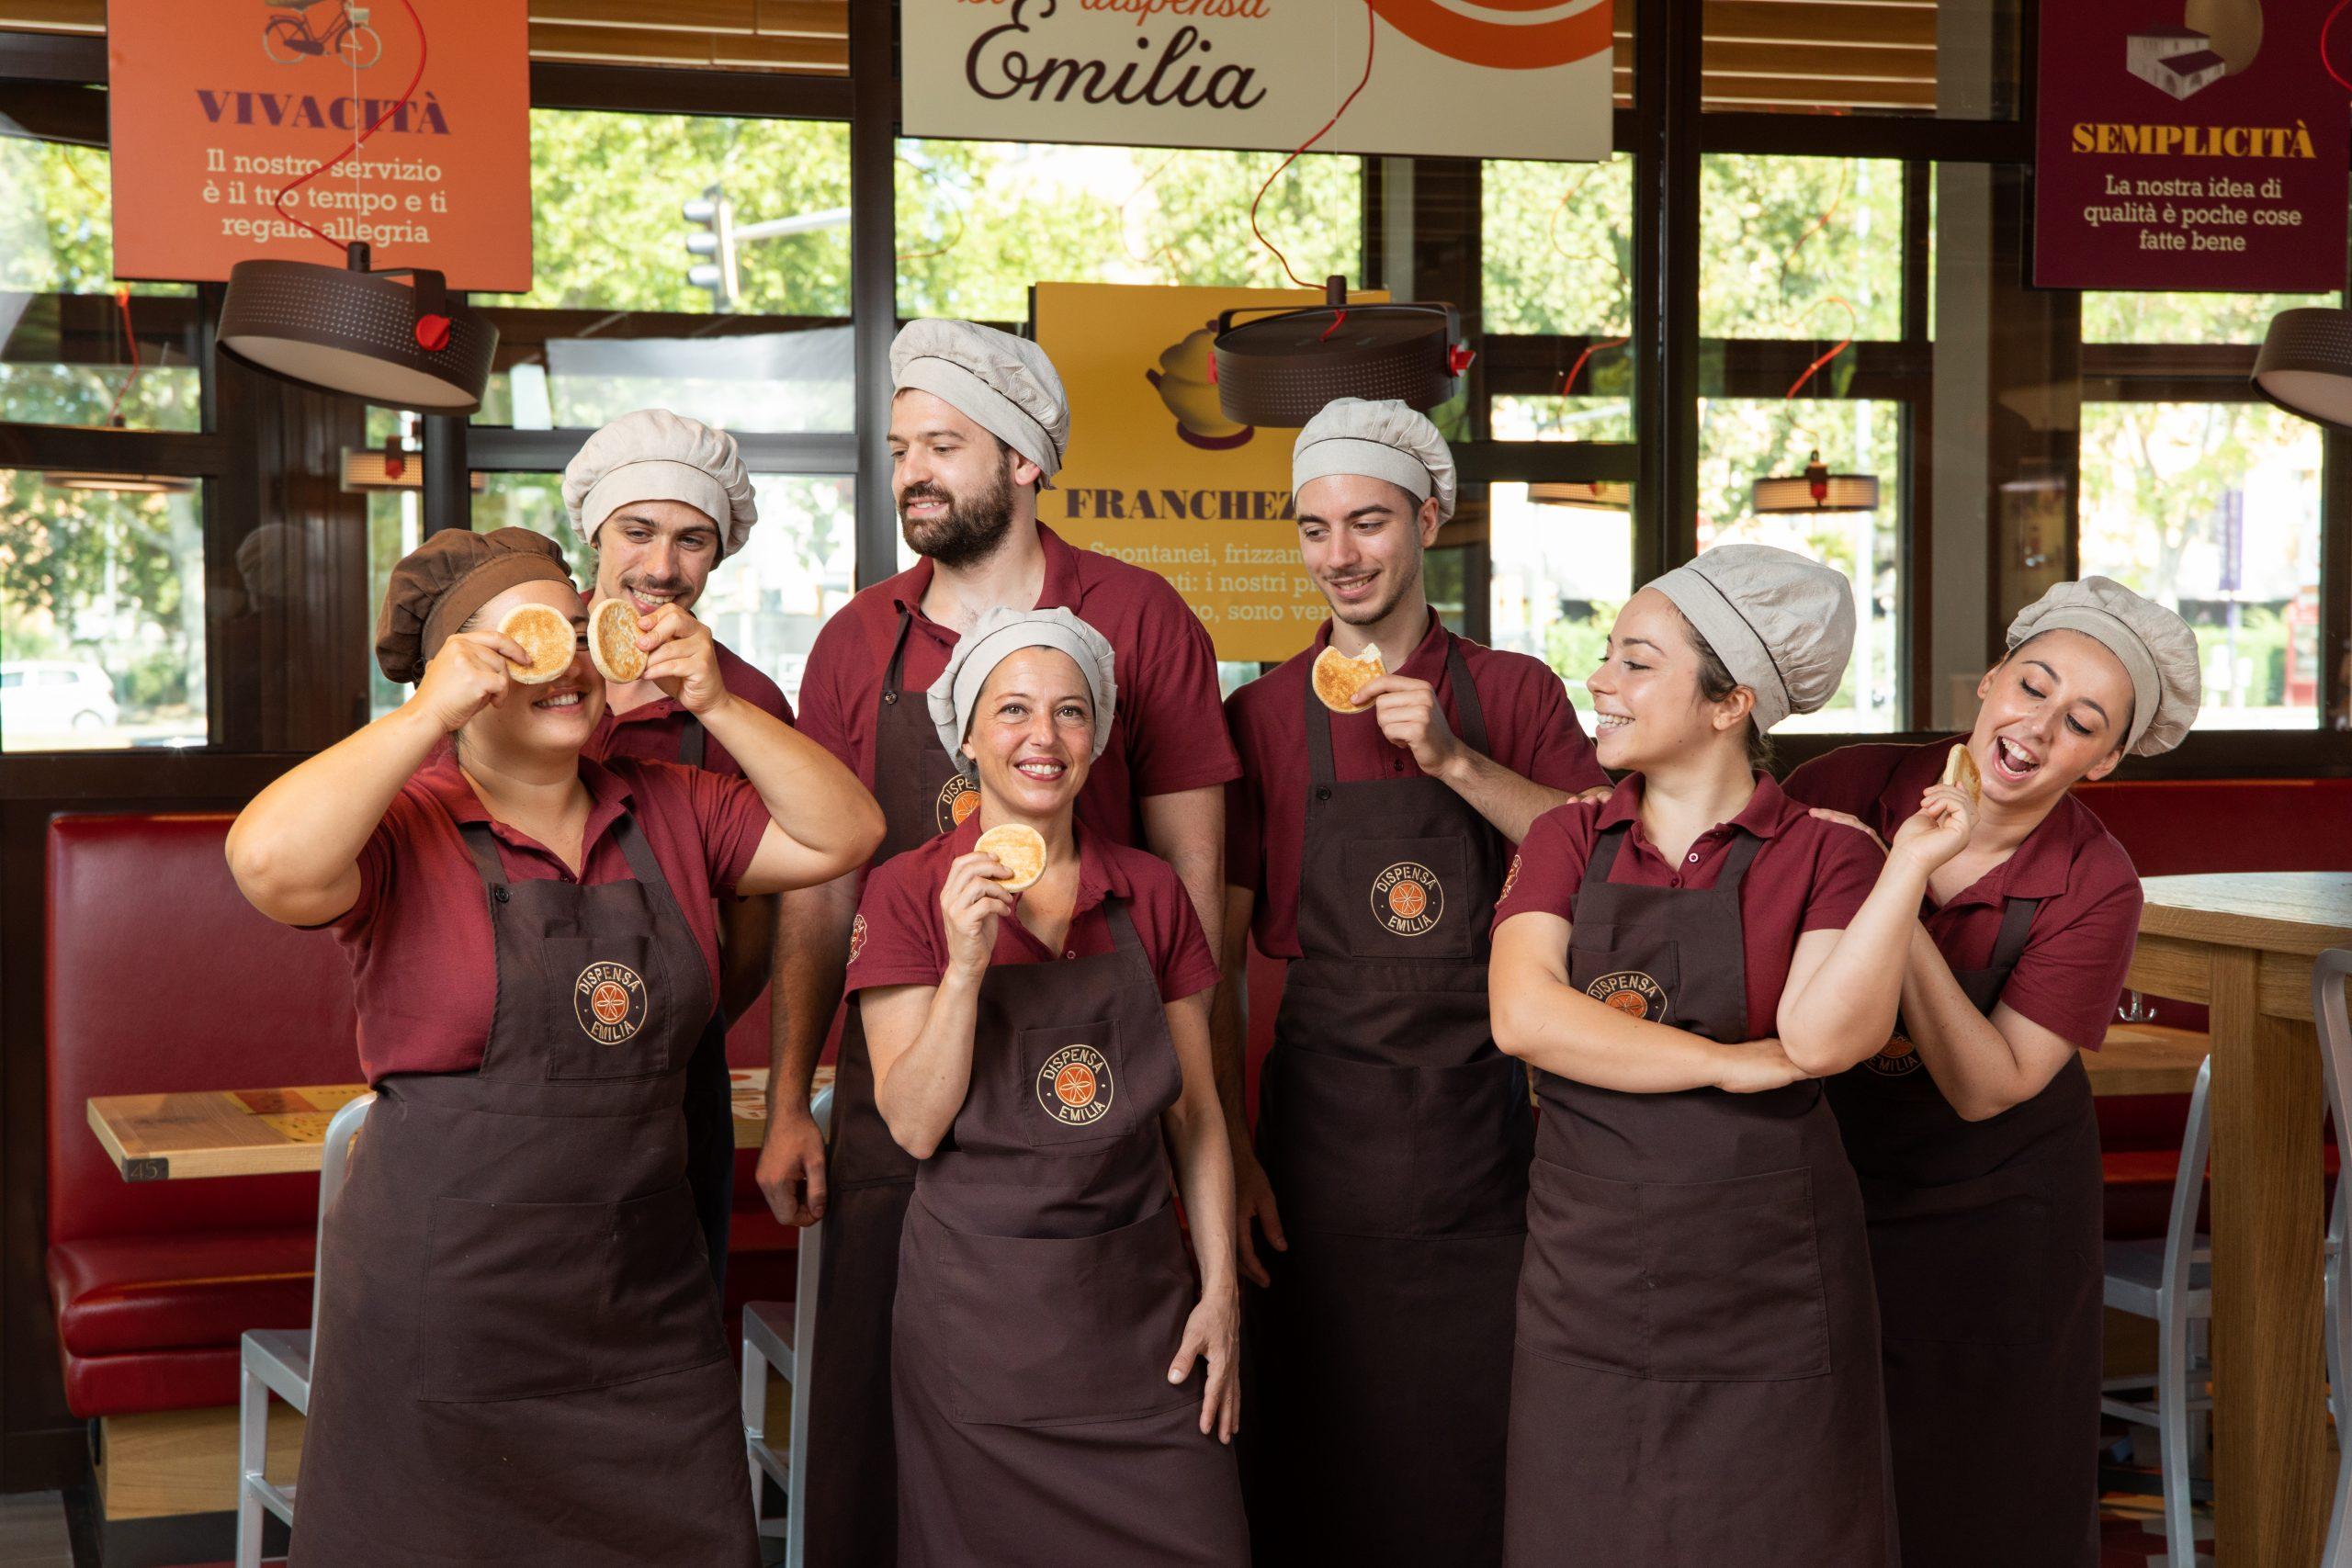 Dispensa Emilia: dove vincono comfort food e la tradizione emiliana